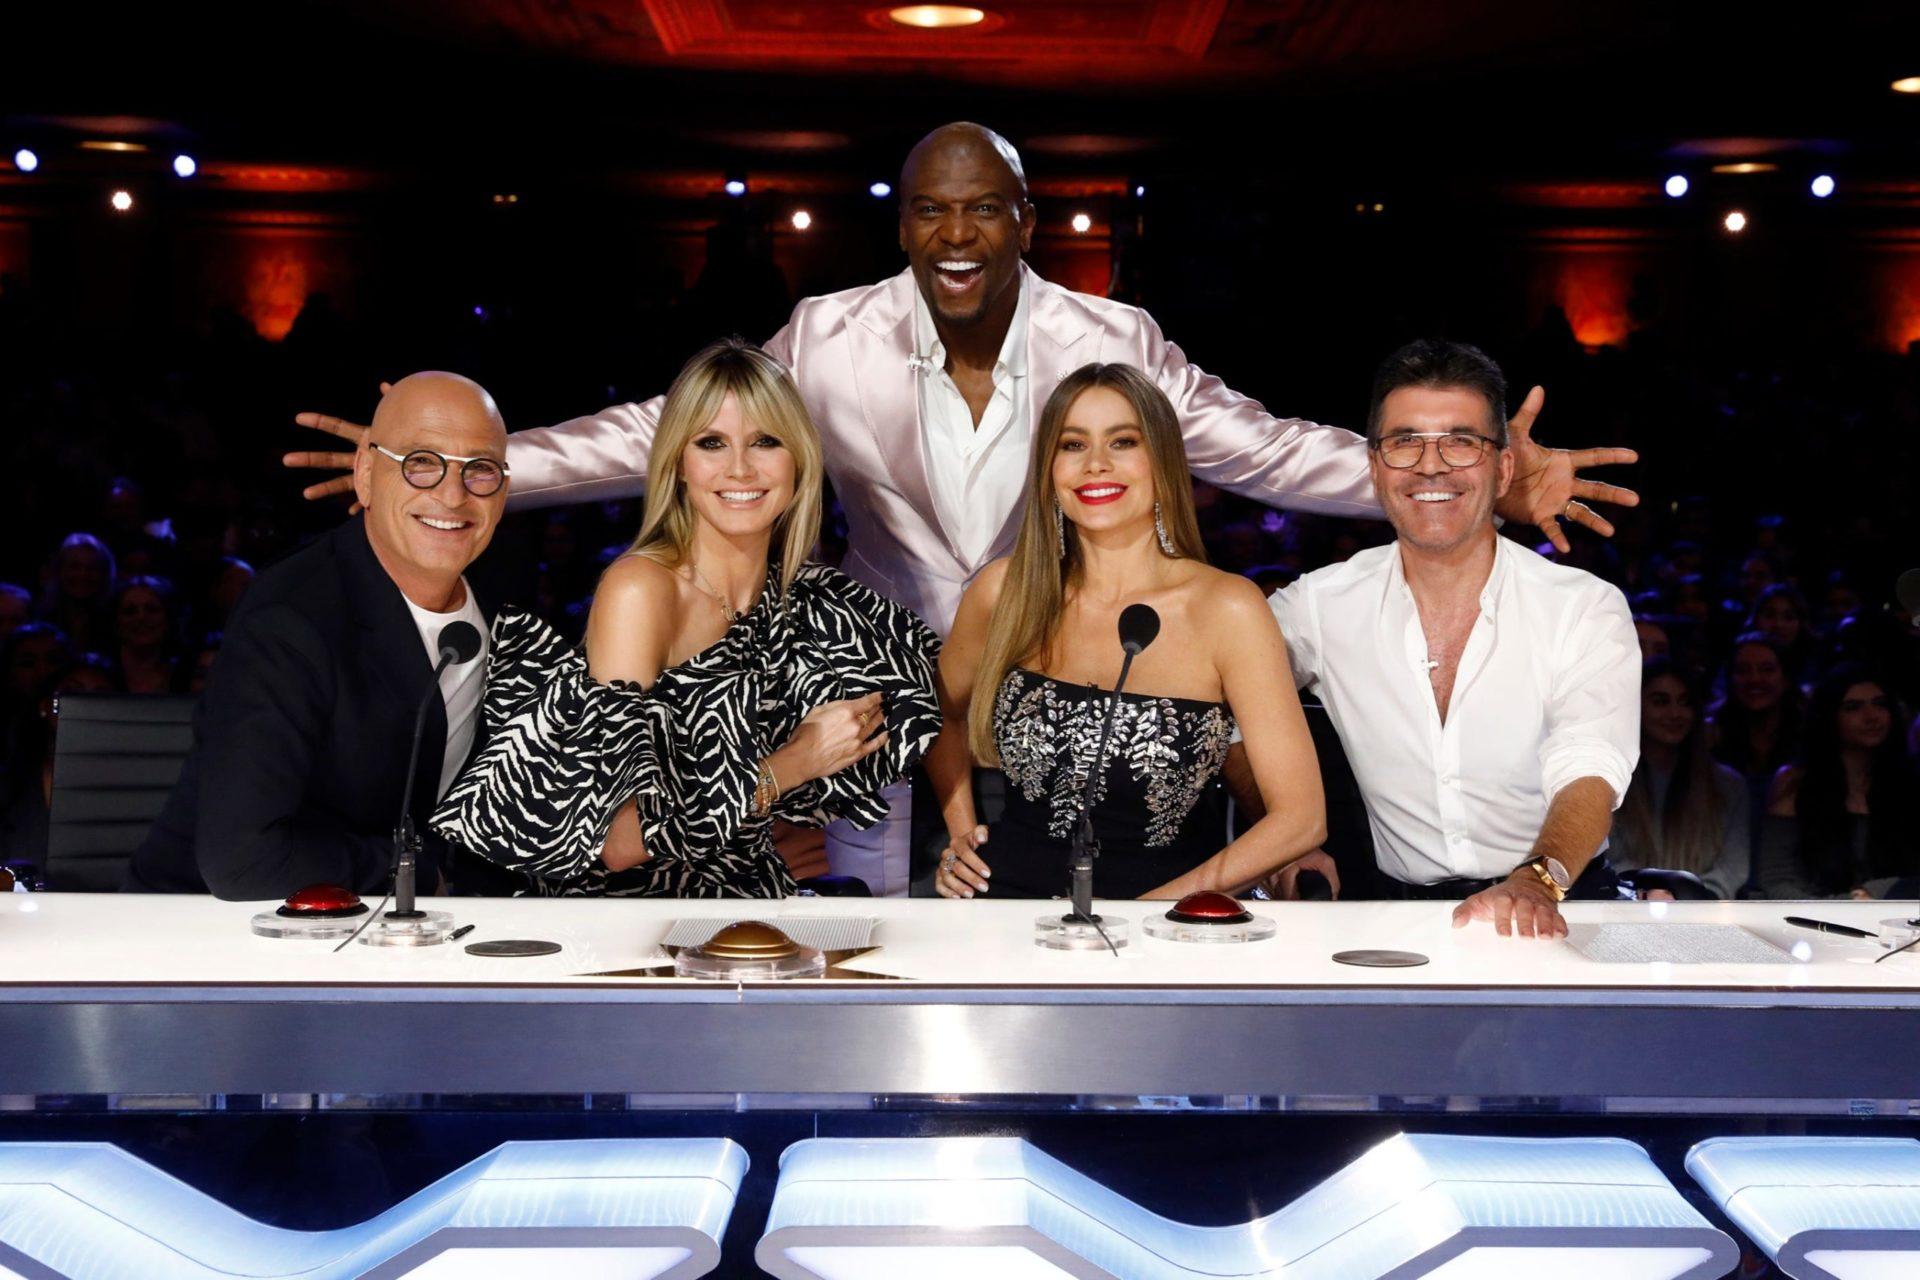 Jurados do America's Got Talent 2020 (Divulgação/ NBC)